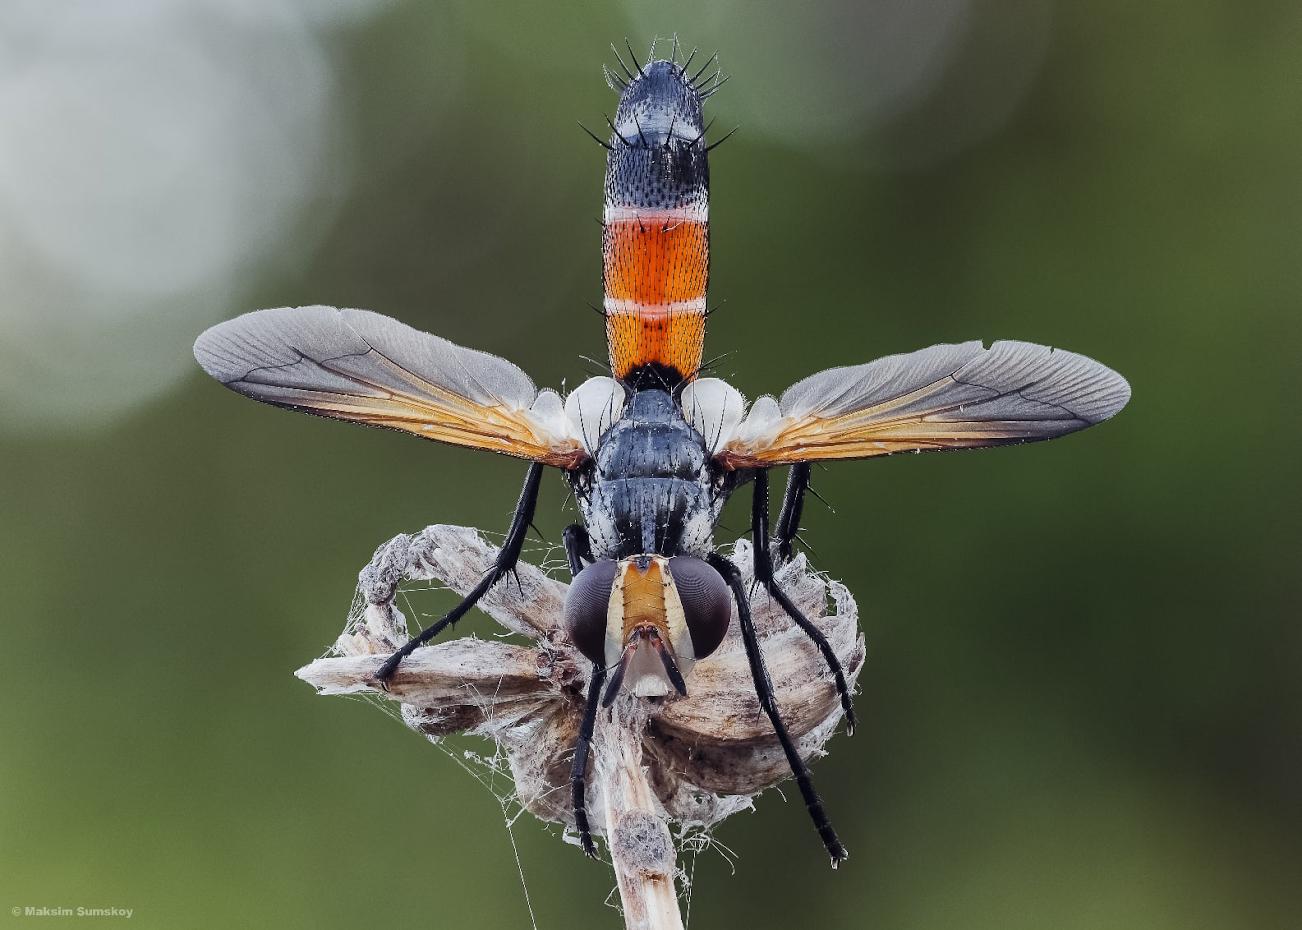 Фото 36. Ежемуха фонарик (Cylindromyia). Снято на зеркалку Кенон 650Д с объективом Вега-11У. Стек из 98 кадров. Макрорельсы Velbon Super Mag Slider. Естественное освещение.